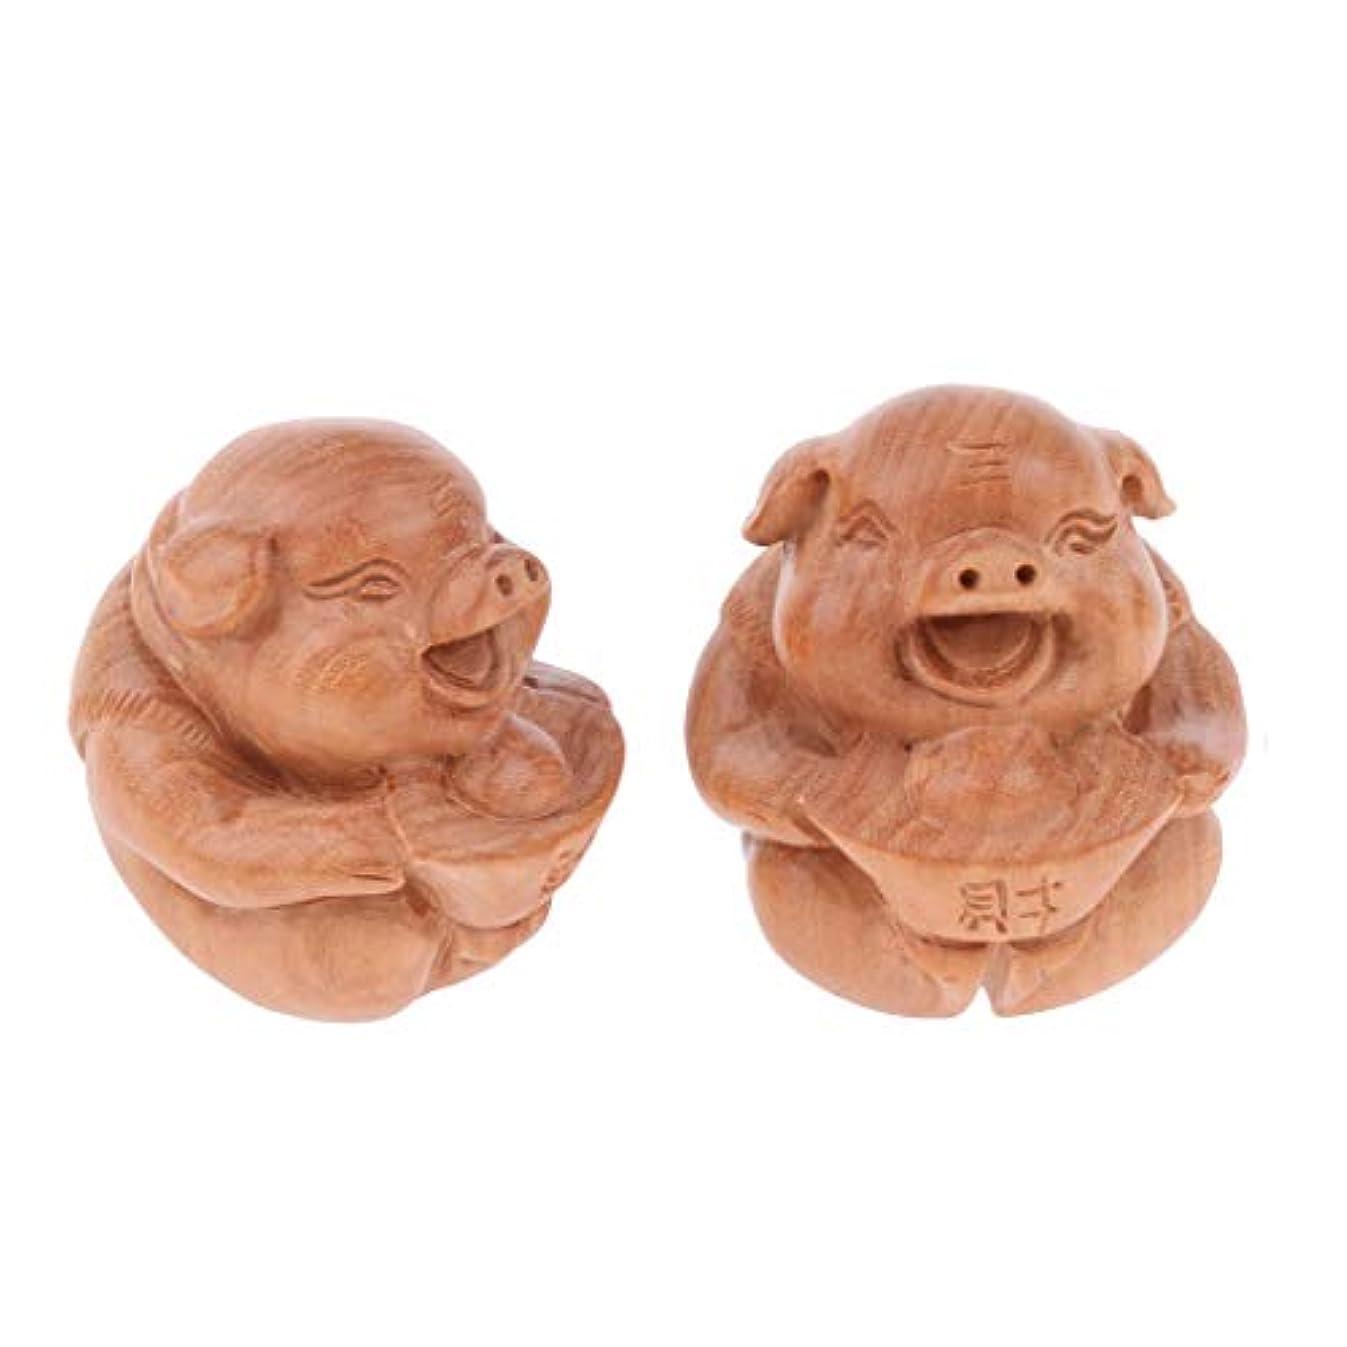 箱反対するピンチPerfeclan マッサージボール 指エクササイズ 1ペア 木製 可愛い 豚